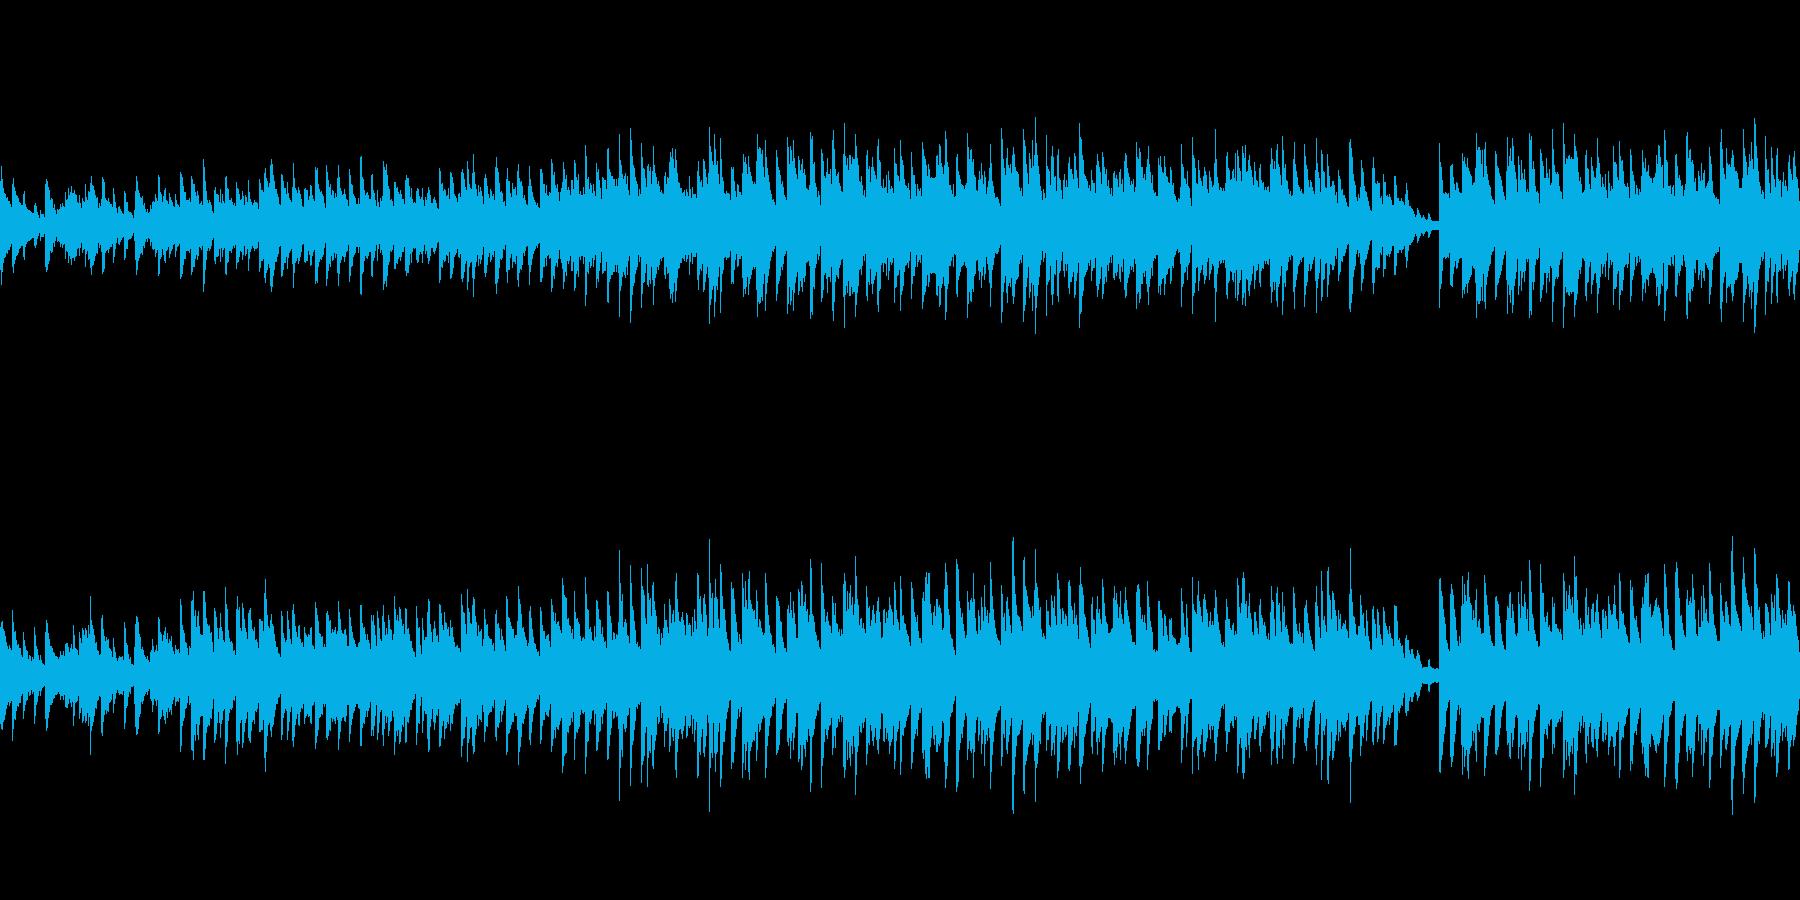 穏やかなピアノ曲3/ループ仕様の再生済みの波形